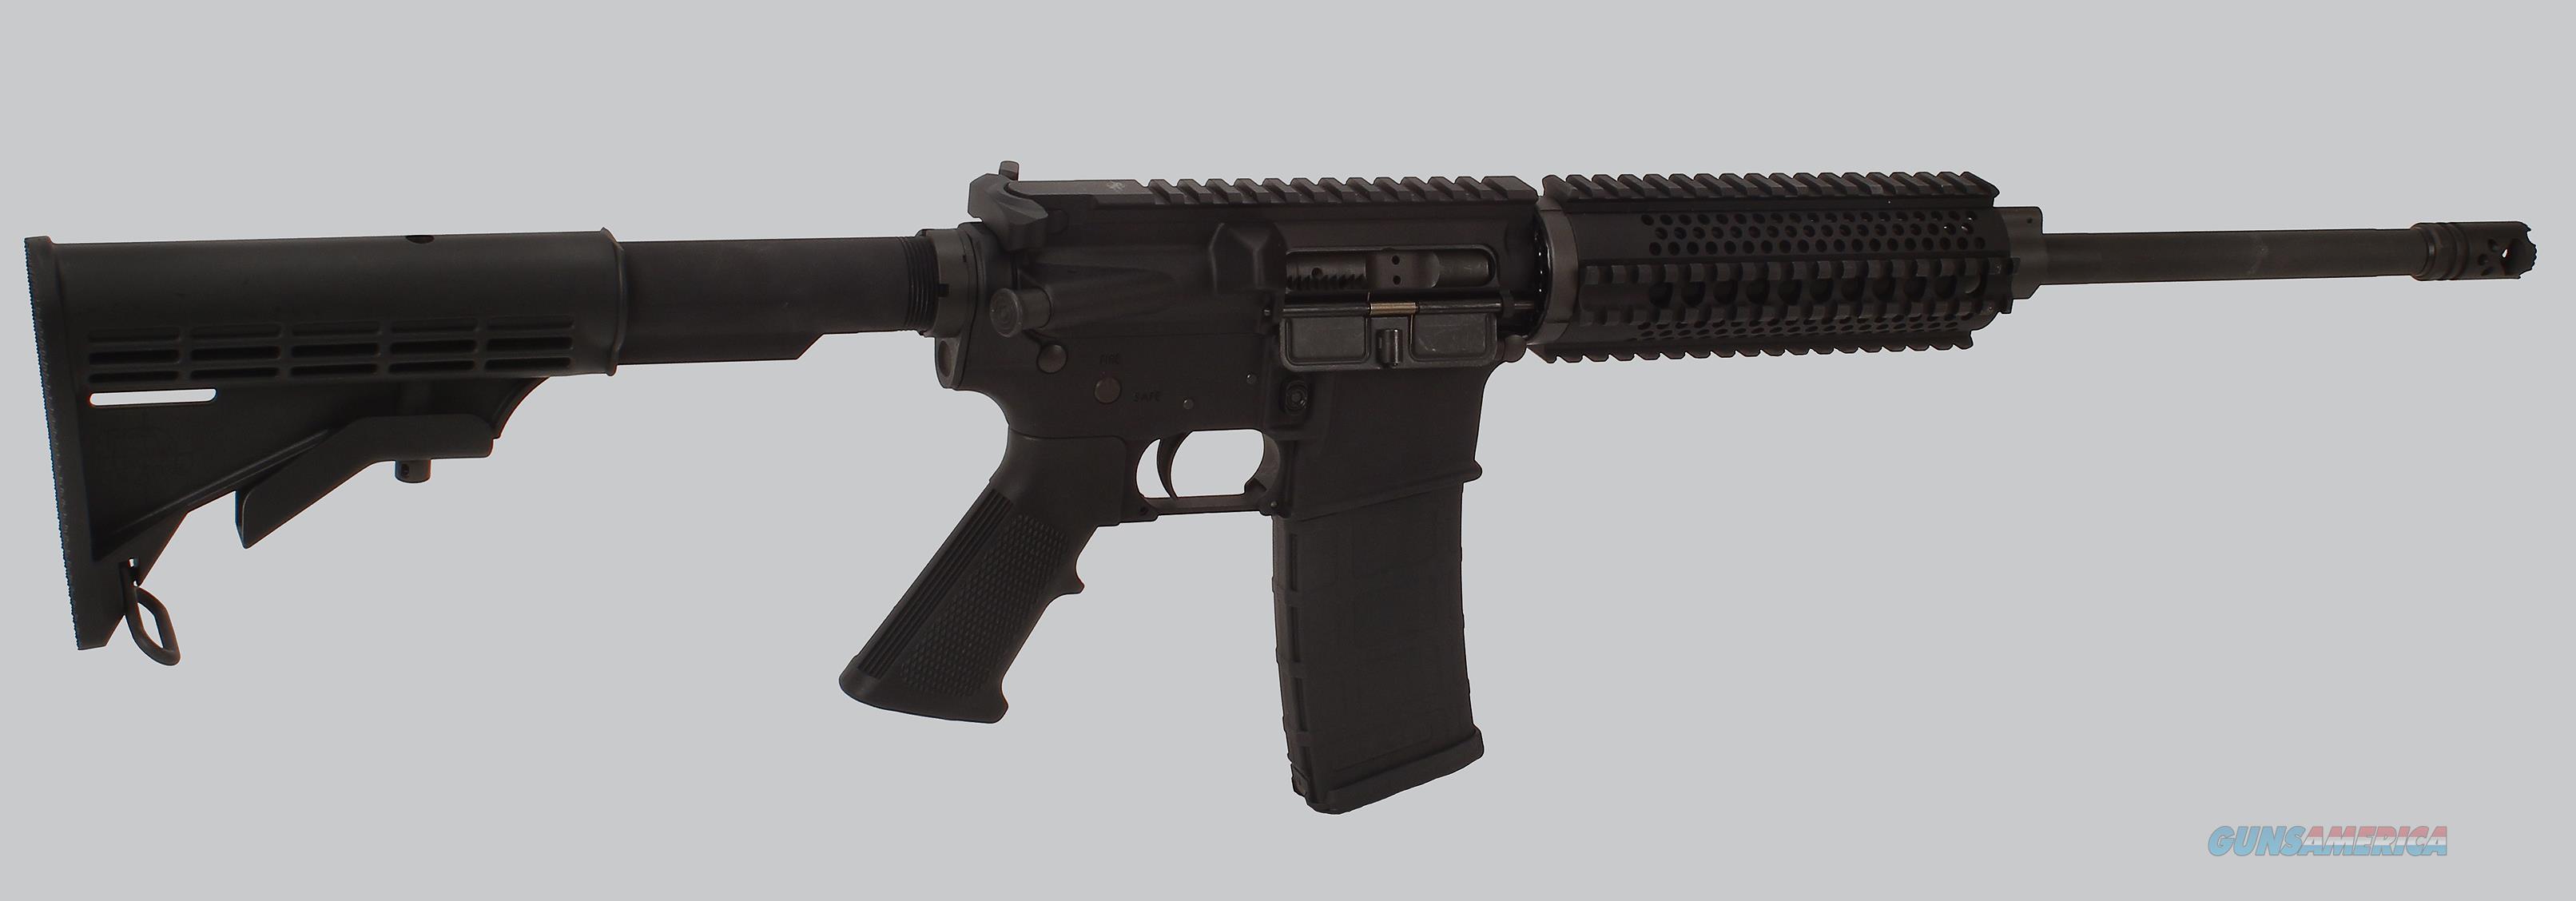 Rock River 5.56 LAR-15 Rifle  Guns > Rifles > Rock River Arms Rifles